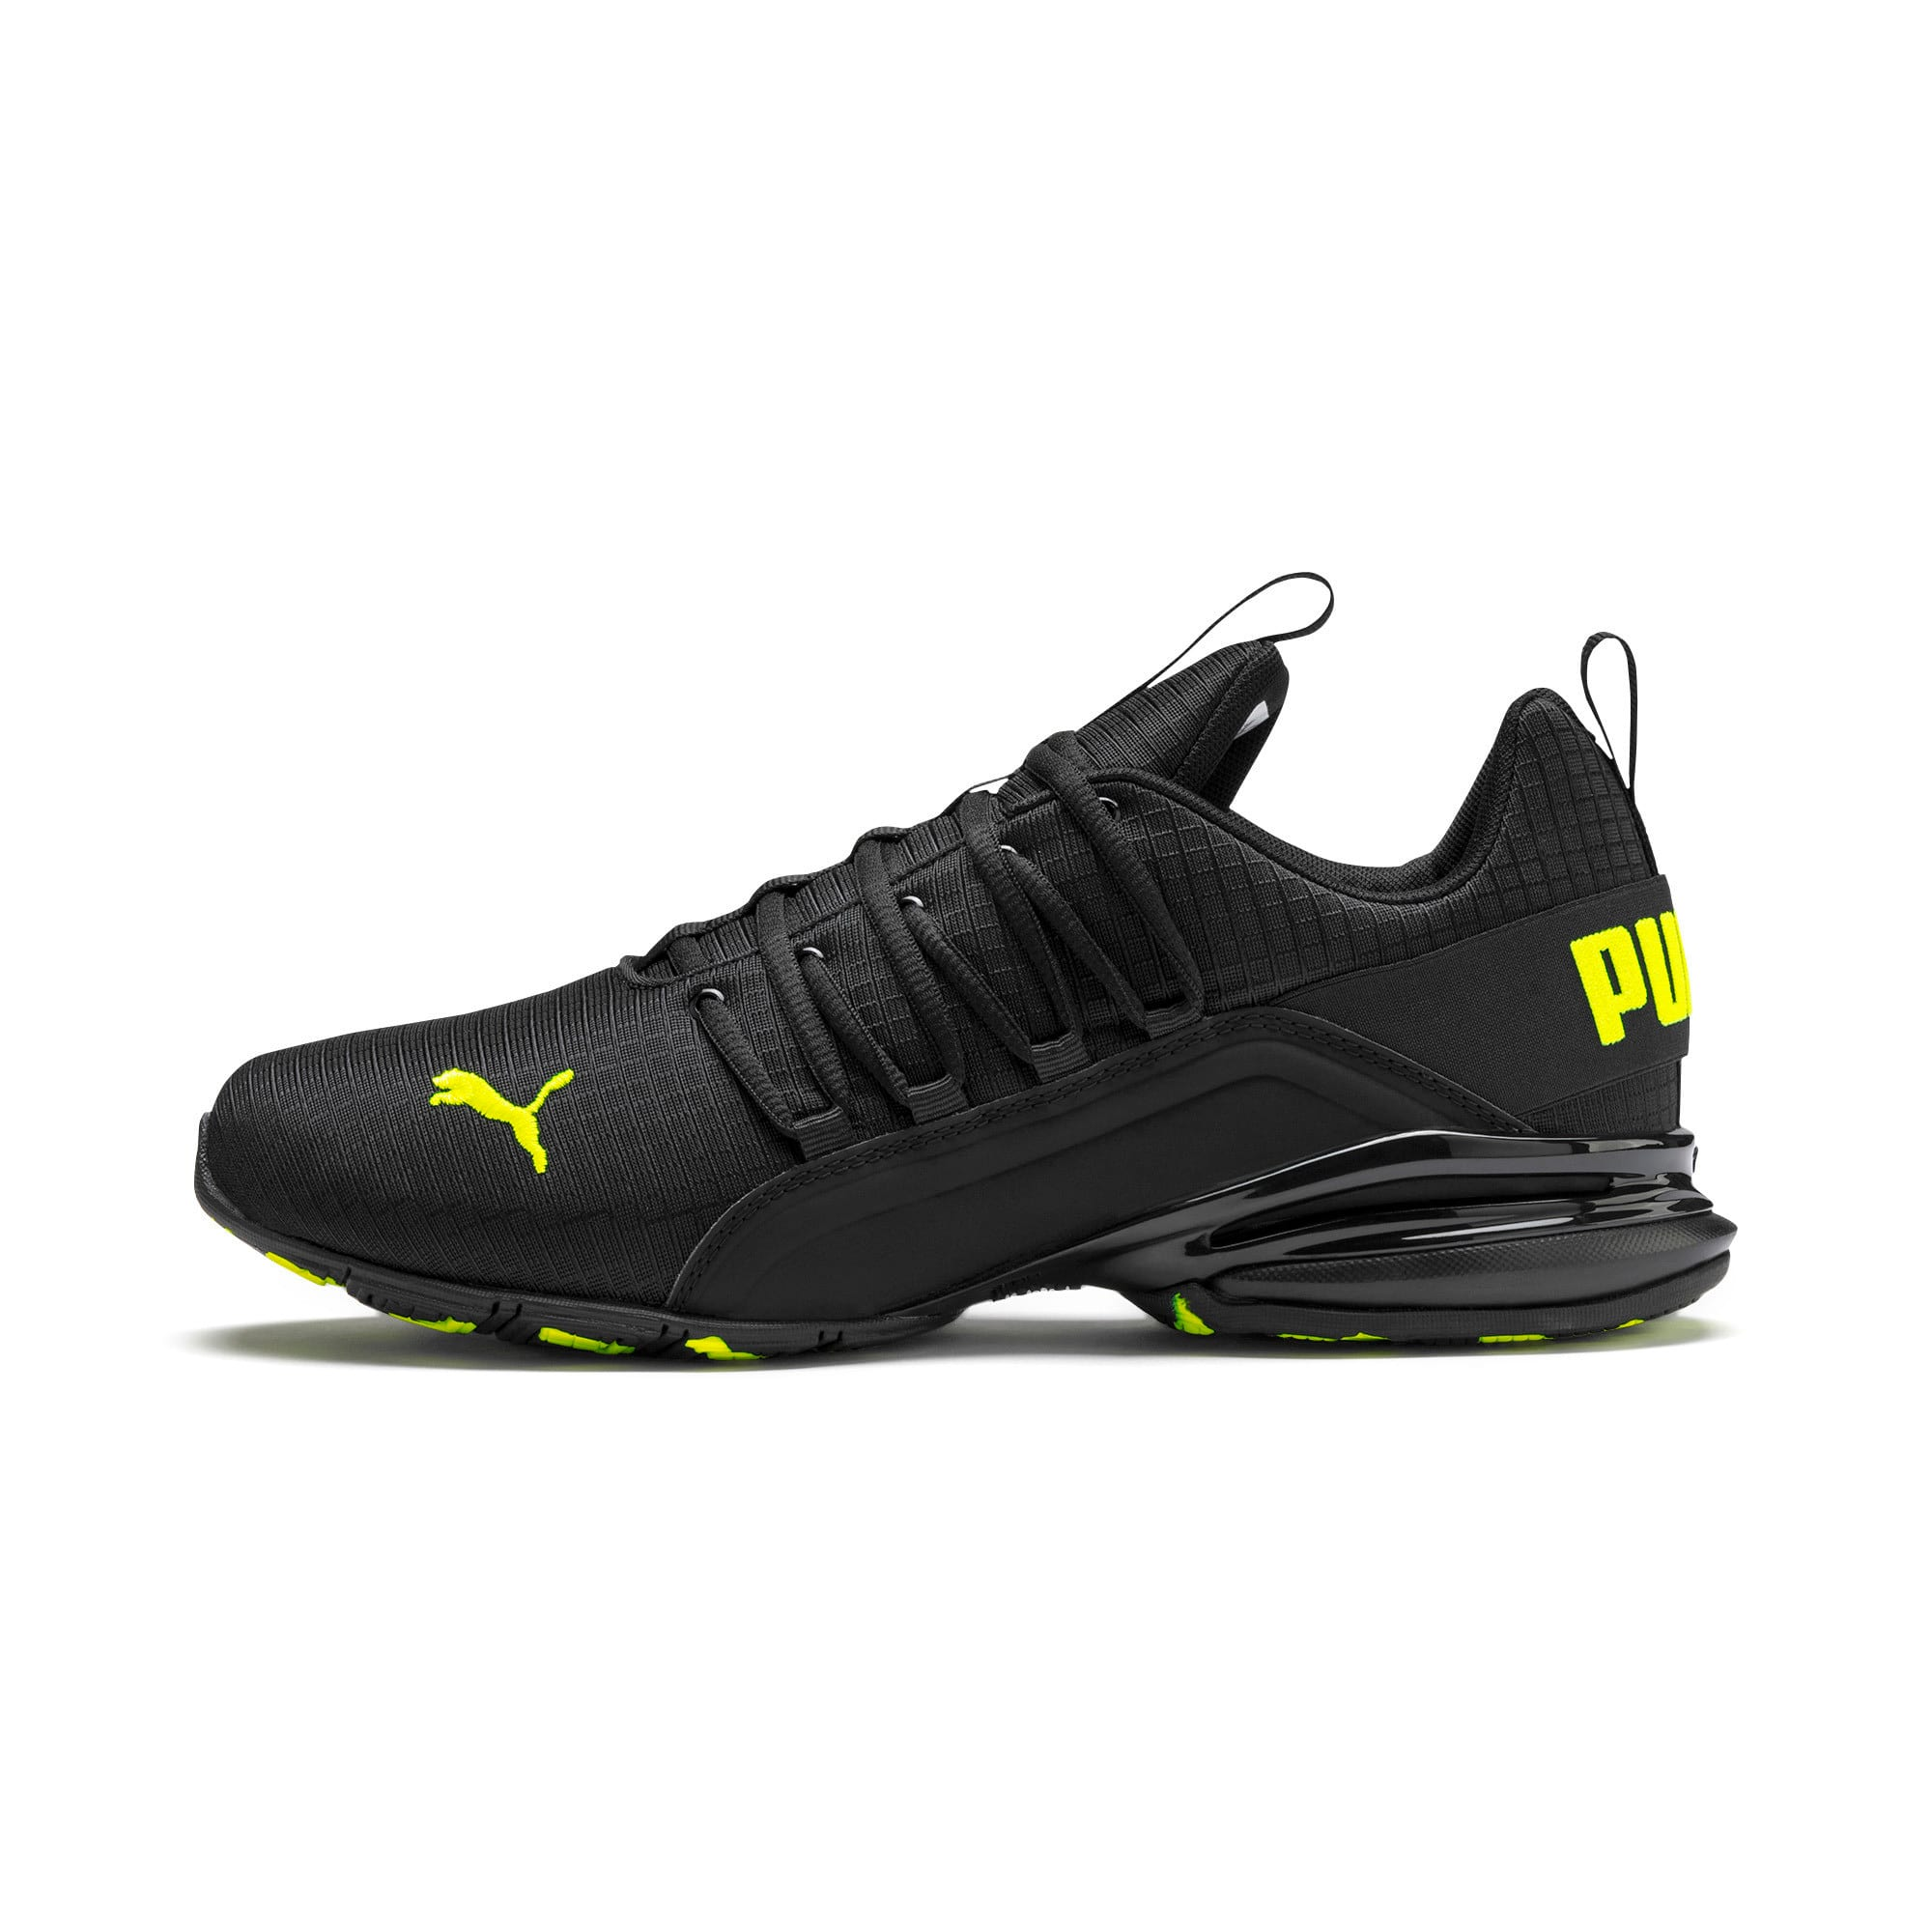 Miniatura 1 de Zapatos de entrenamiento Axelion Rip para hombre, Puma Black-Yellow Alert, mediano